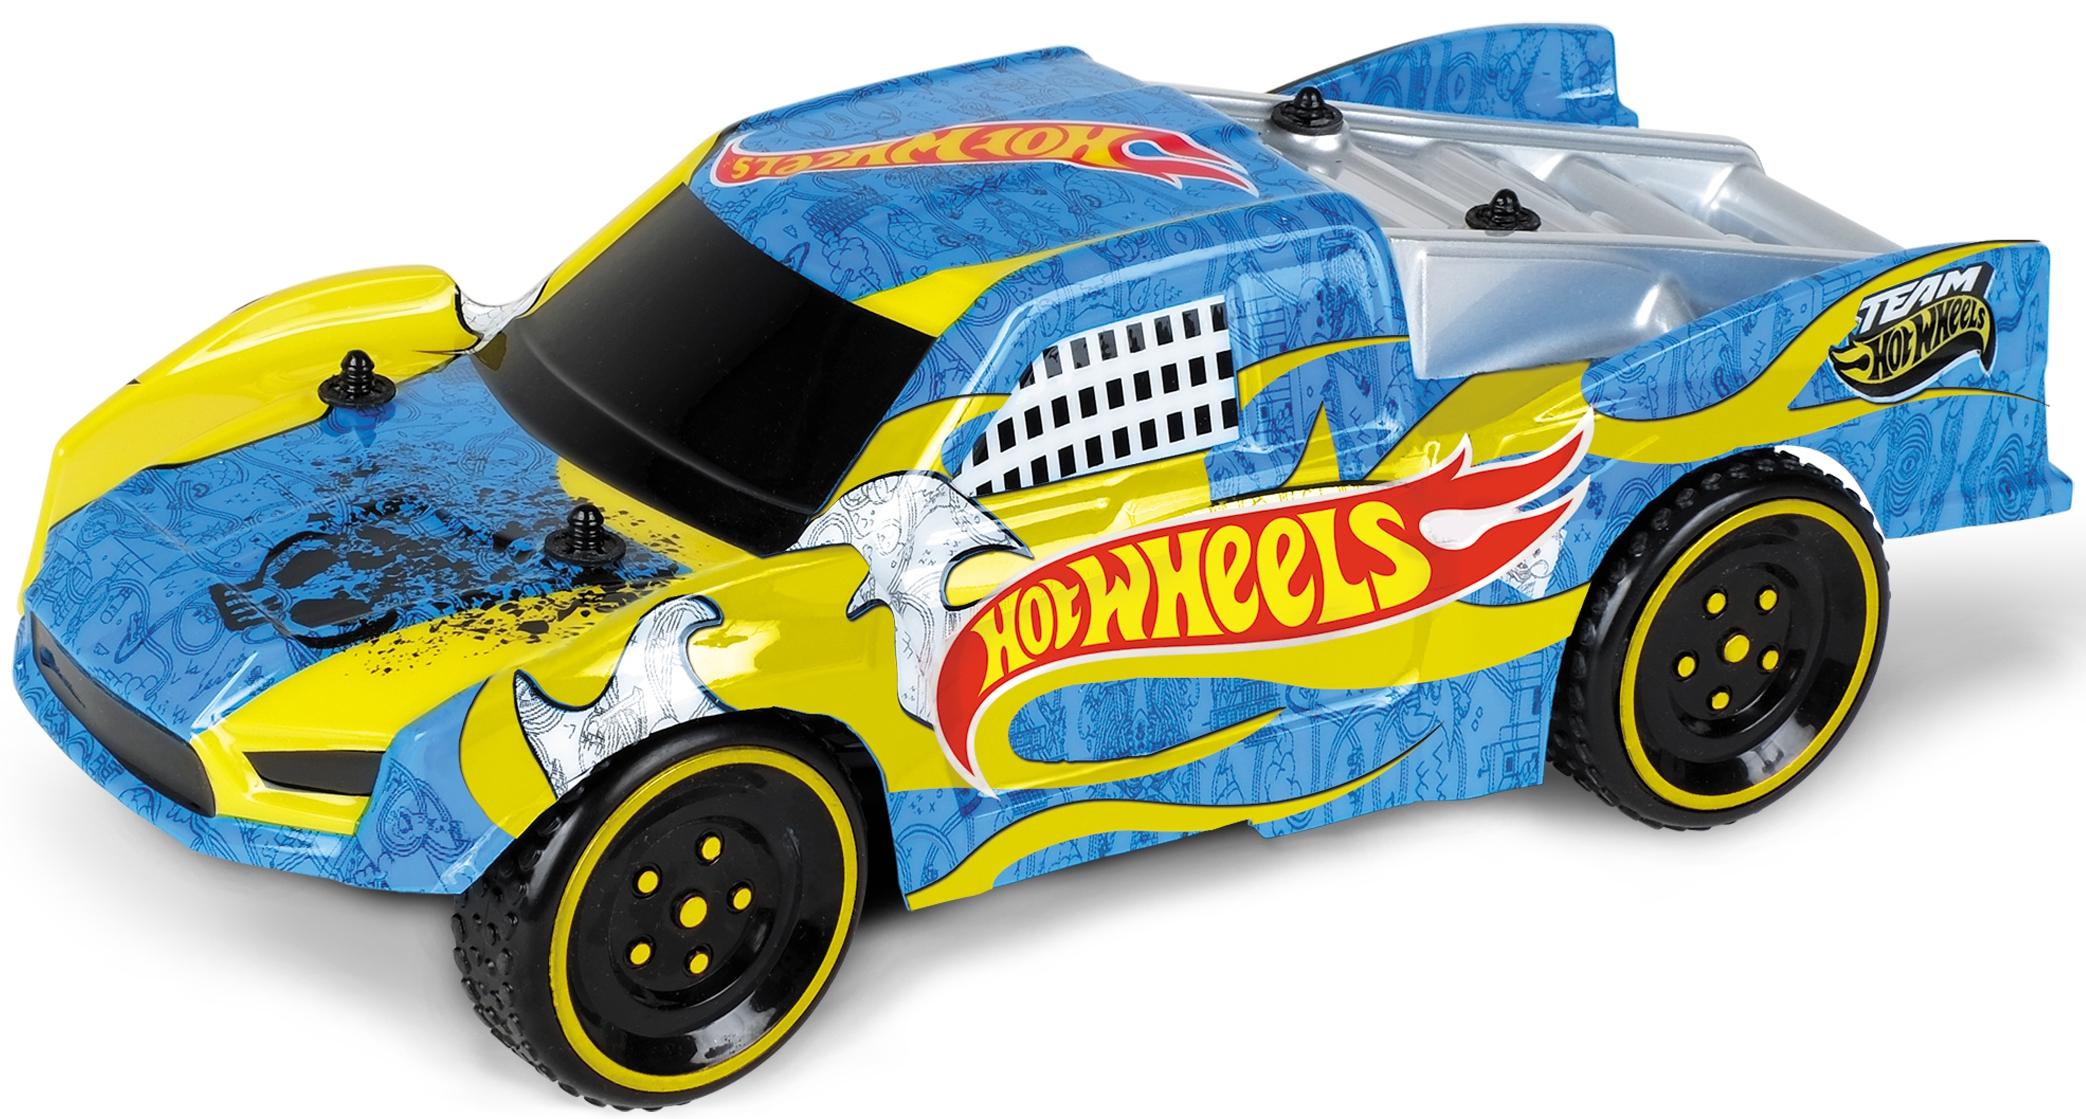 машинка Hot Wheels на радиоуправлении Hot Wheels 2 в 1 со сменным корпусом машинка hot wheels на радиоуправлении hot wheels 2 в 1 со сменным корпусом